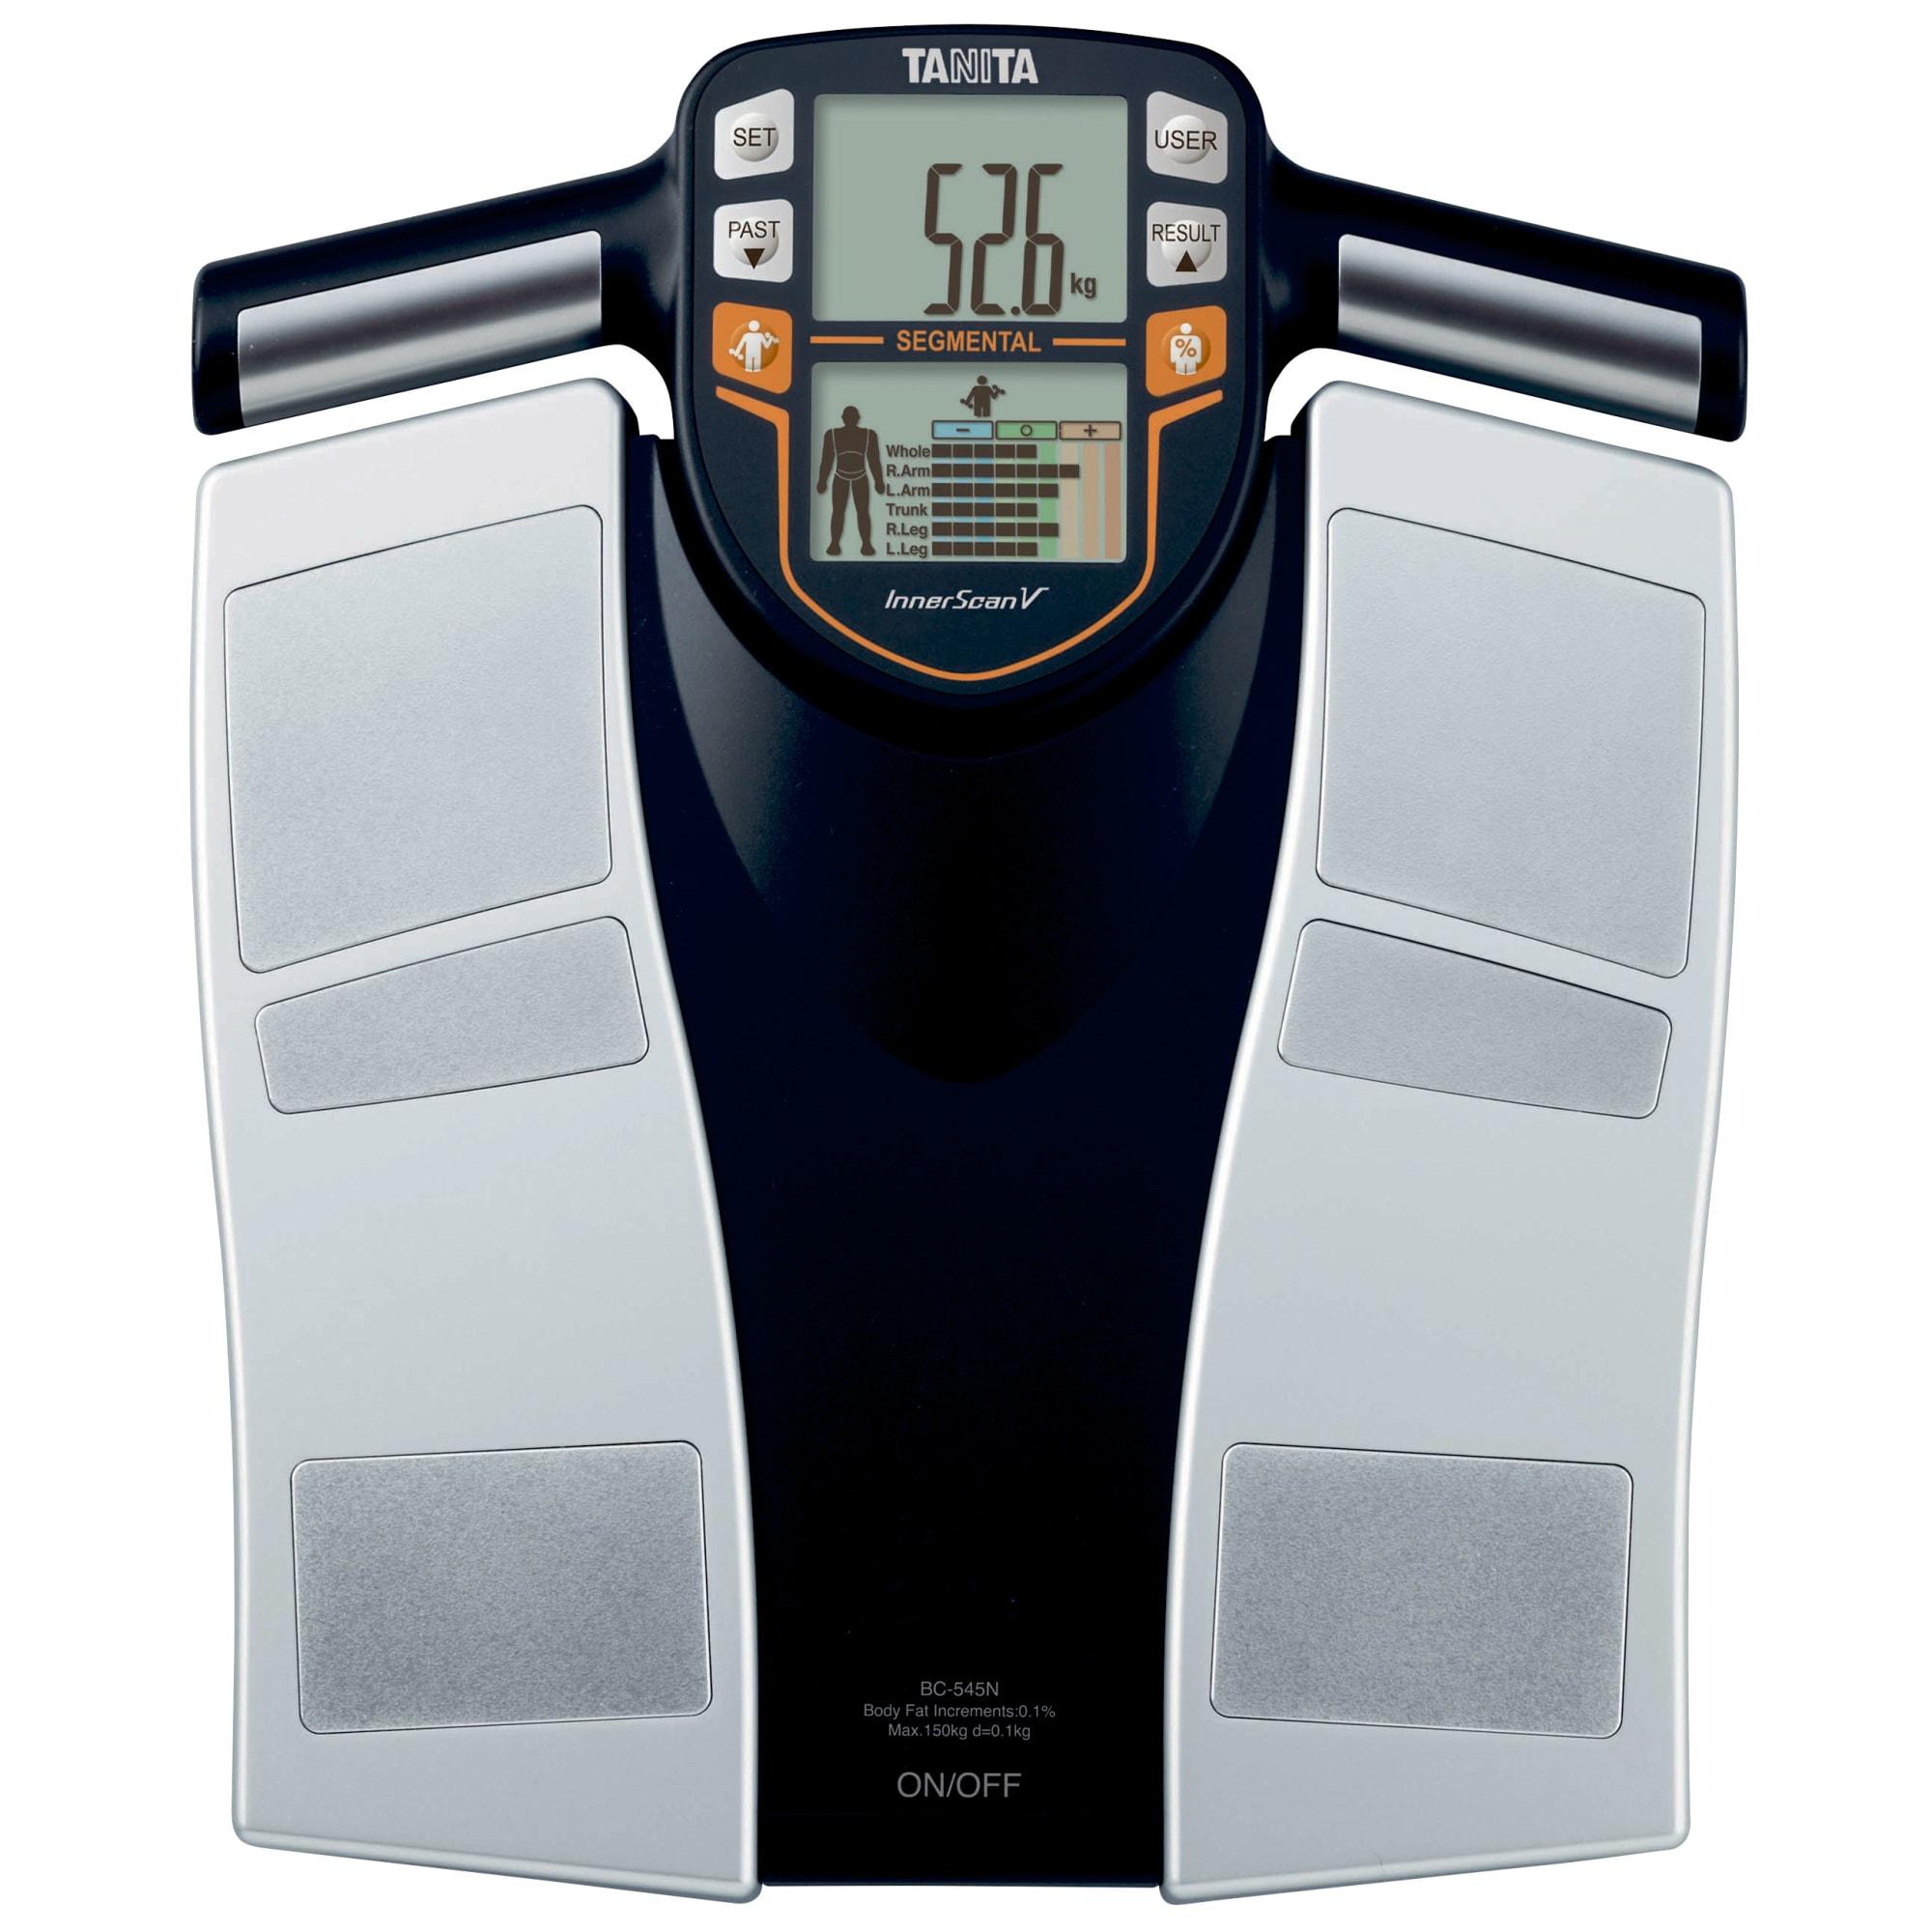 Kropsanalysevægten giver på 10 sekunder en nøjagtig måling af kroppen